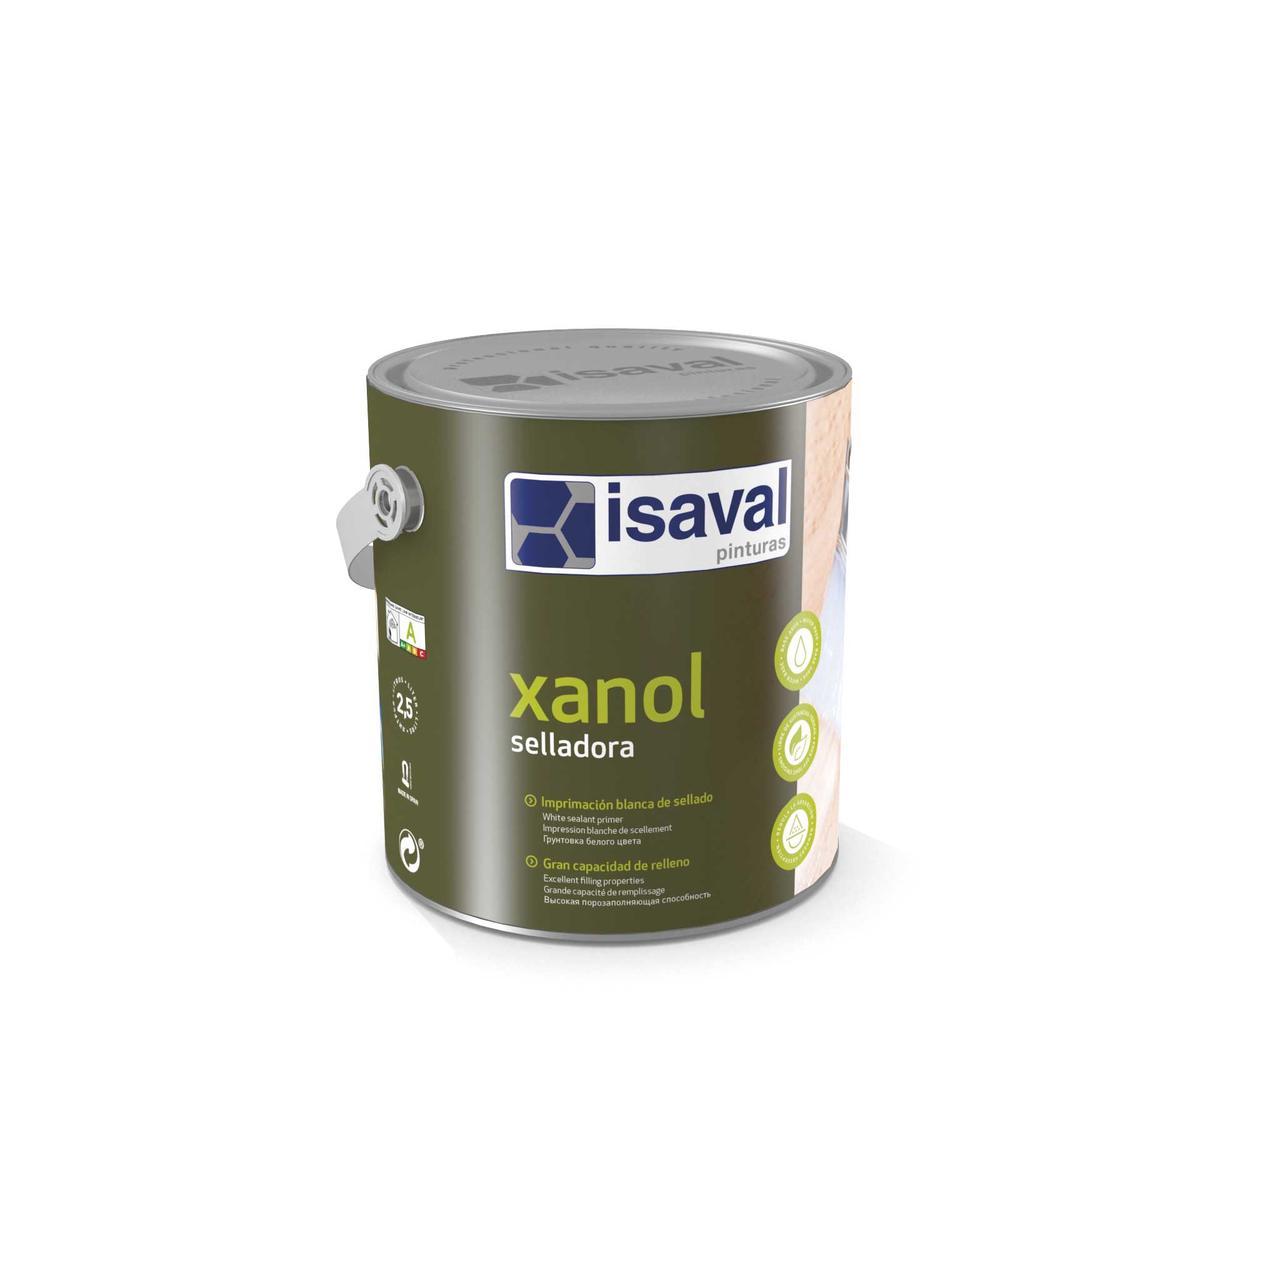 Алкідна ґрунтовка герметик для дерева на водній основі Ксанол Селладора ISAVAL 2,5л≈25м²/шар